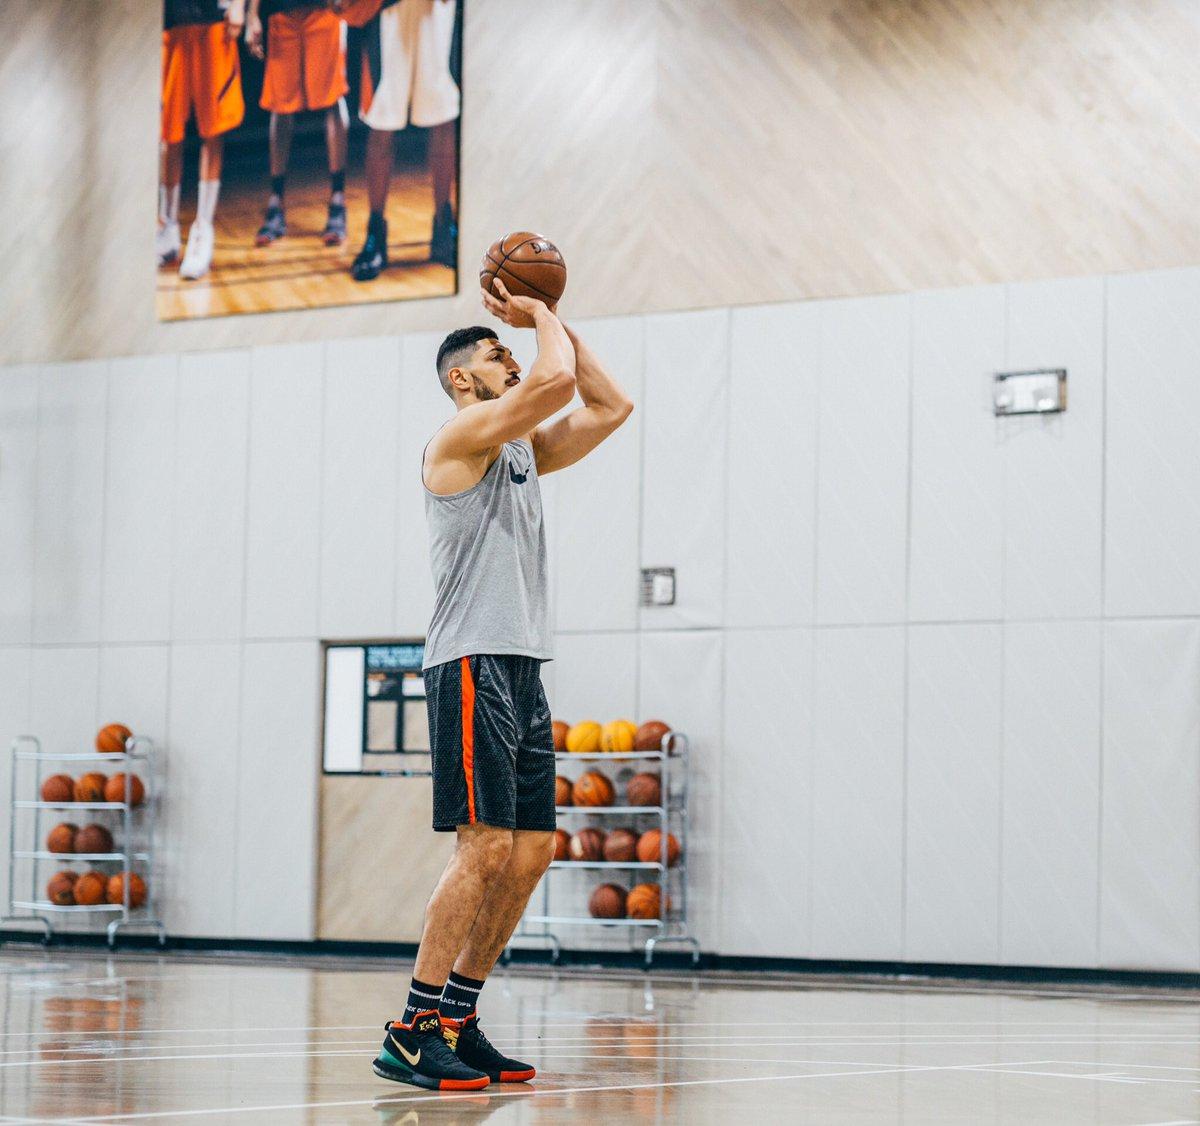 网赌北京快乐8真假?:继续磨练!坎特发布自己在球馆训练的照片